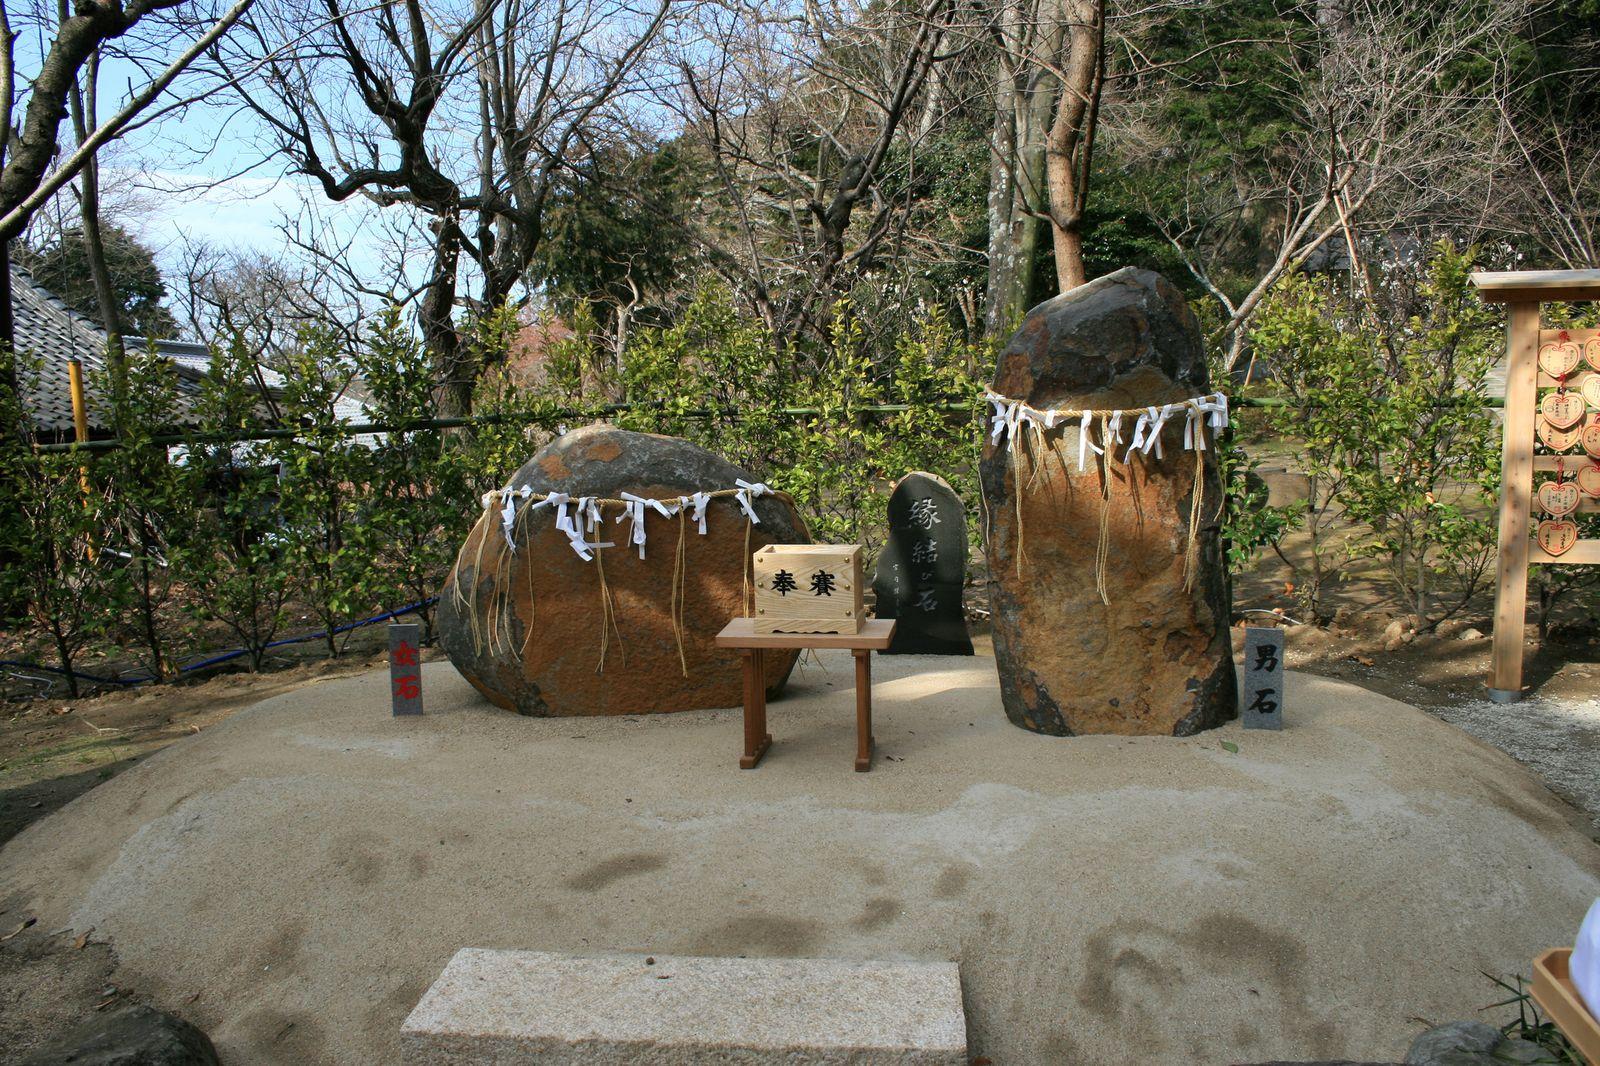 観光で訪れたい人気スポット!鎌倉のおすすめ神社・寺ランキングTOP15 9枚目の画像